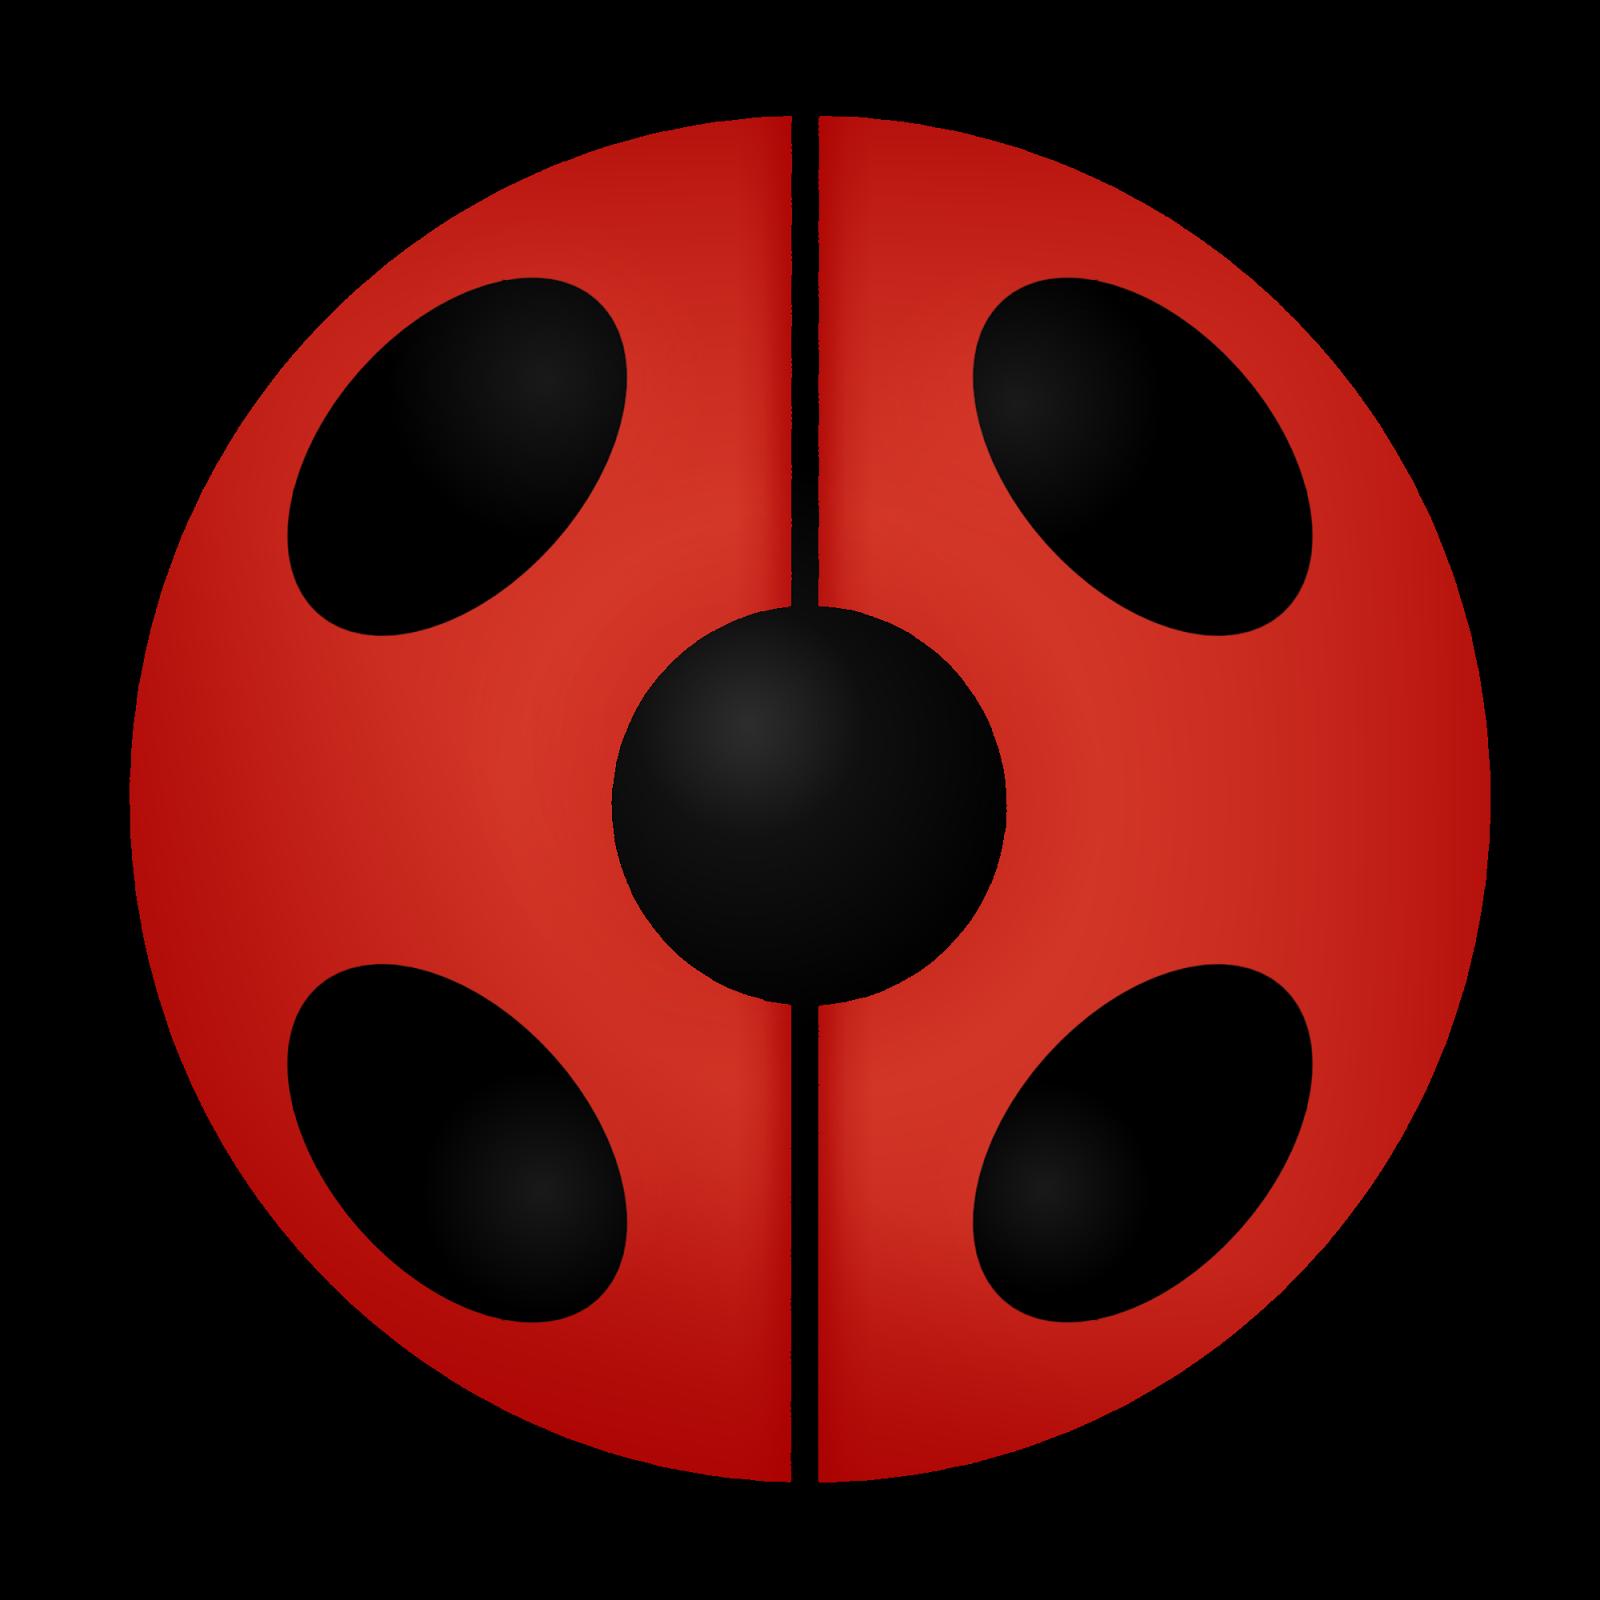 imagens png e mascaras digitais miraculous ladybag png